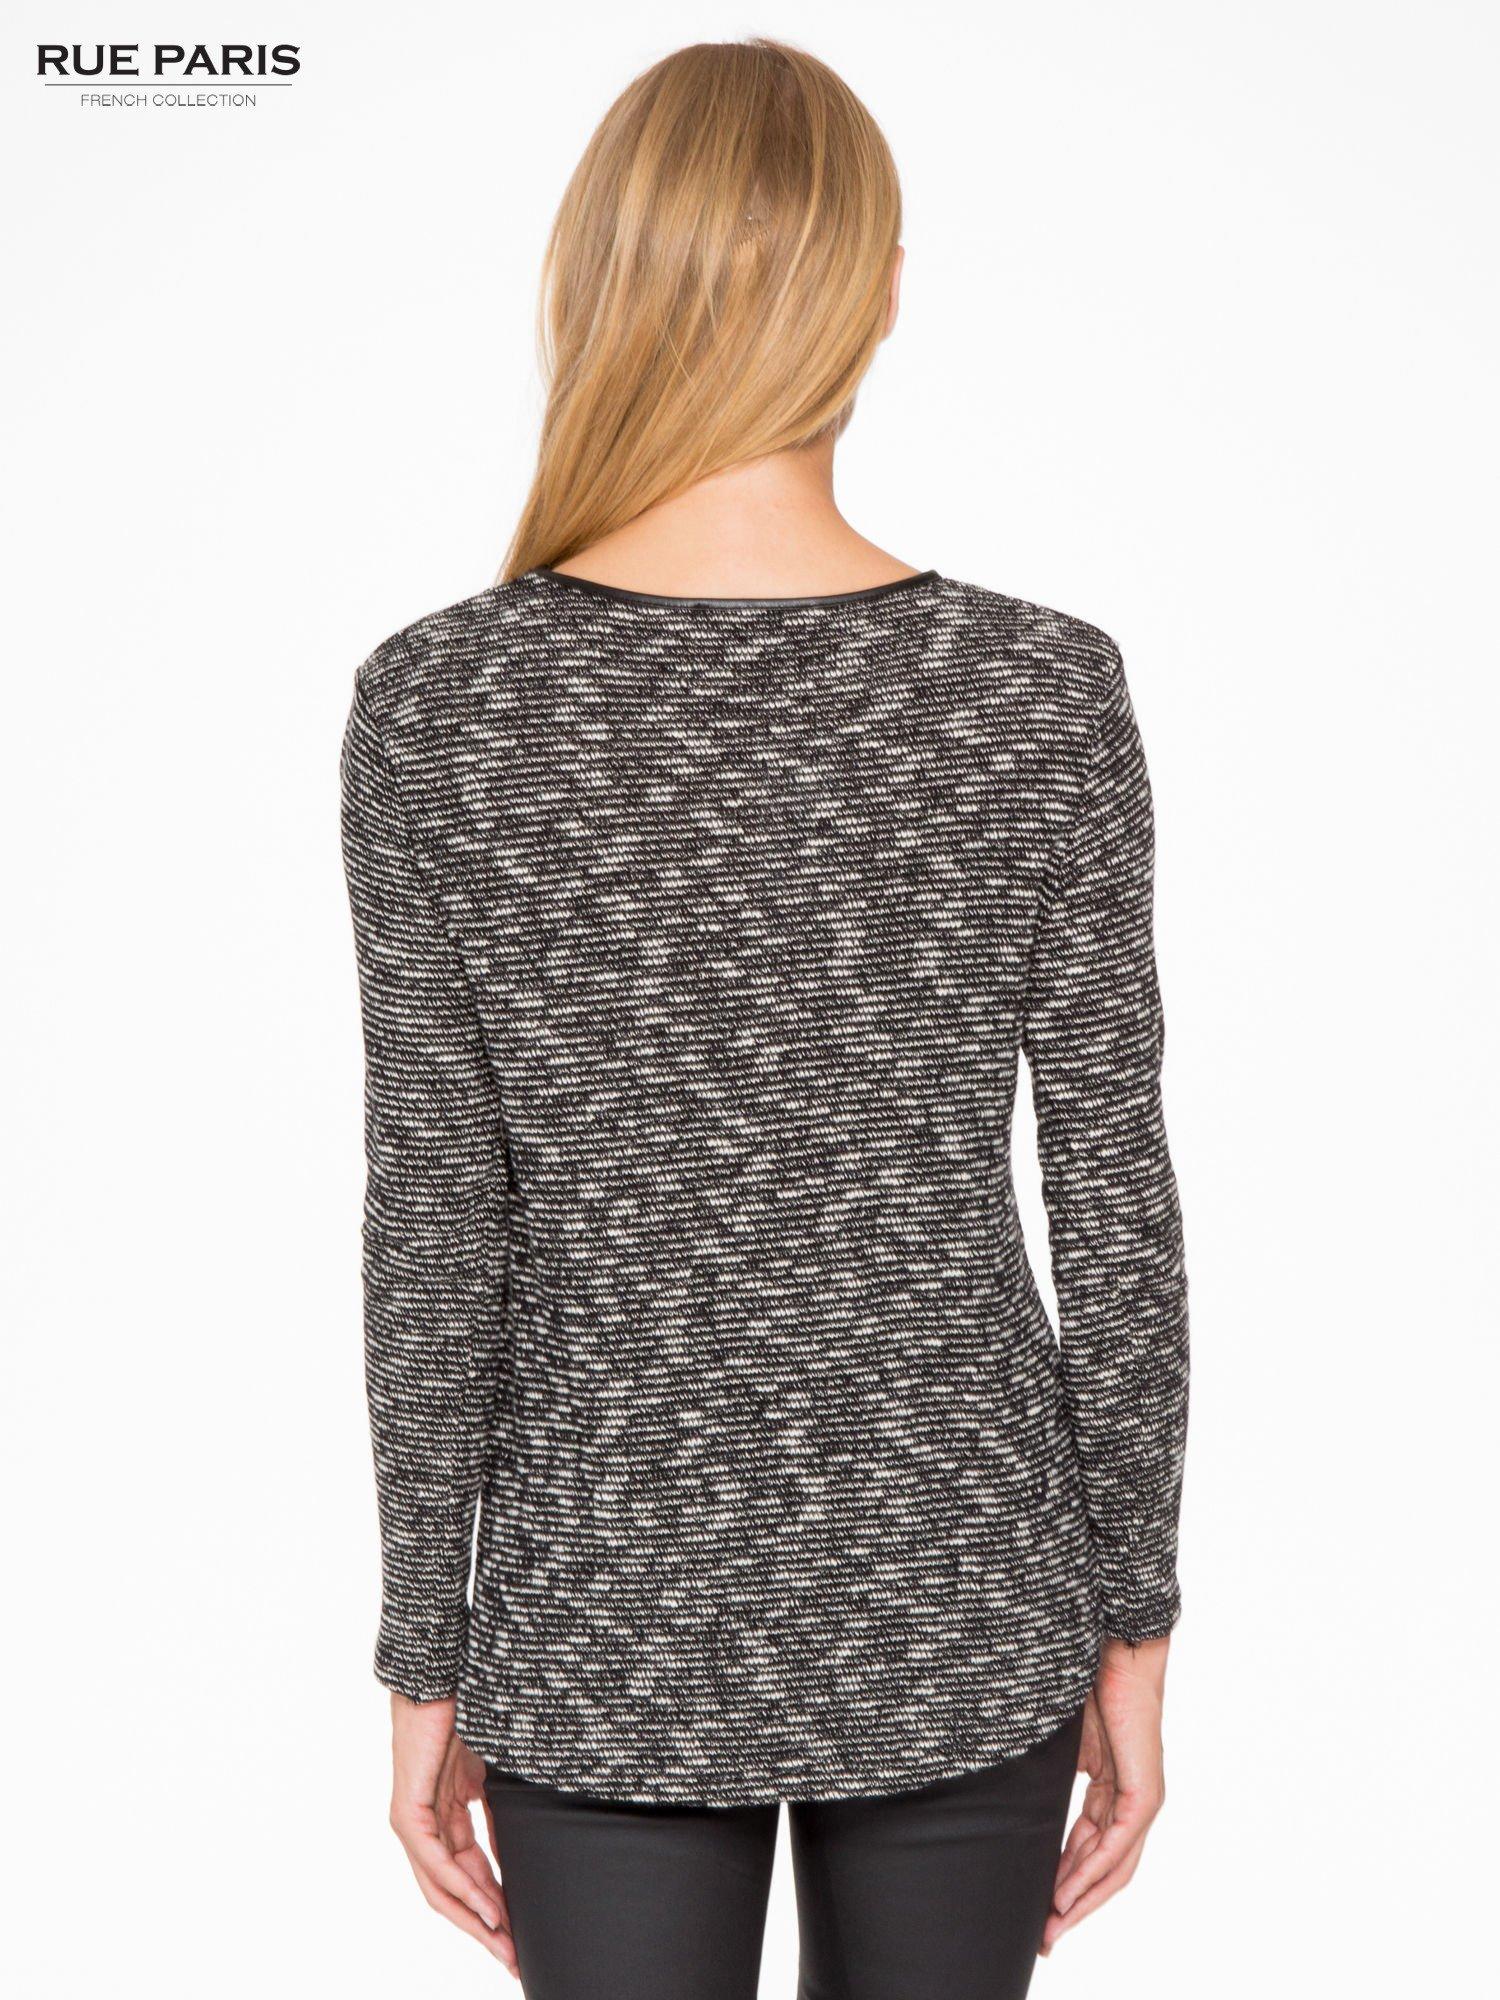 Czarny melanżowy sweter ze skórzaną lamówką przy dekolcie                                  zdj.                                  2